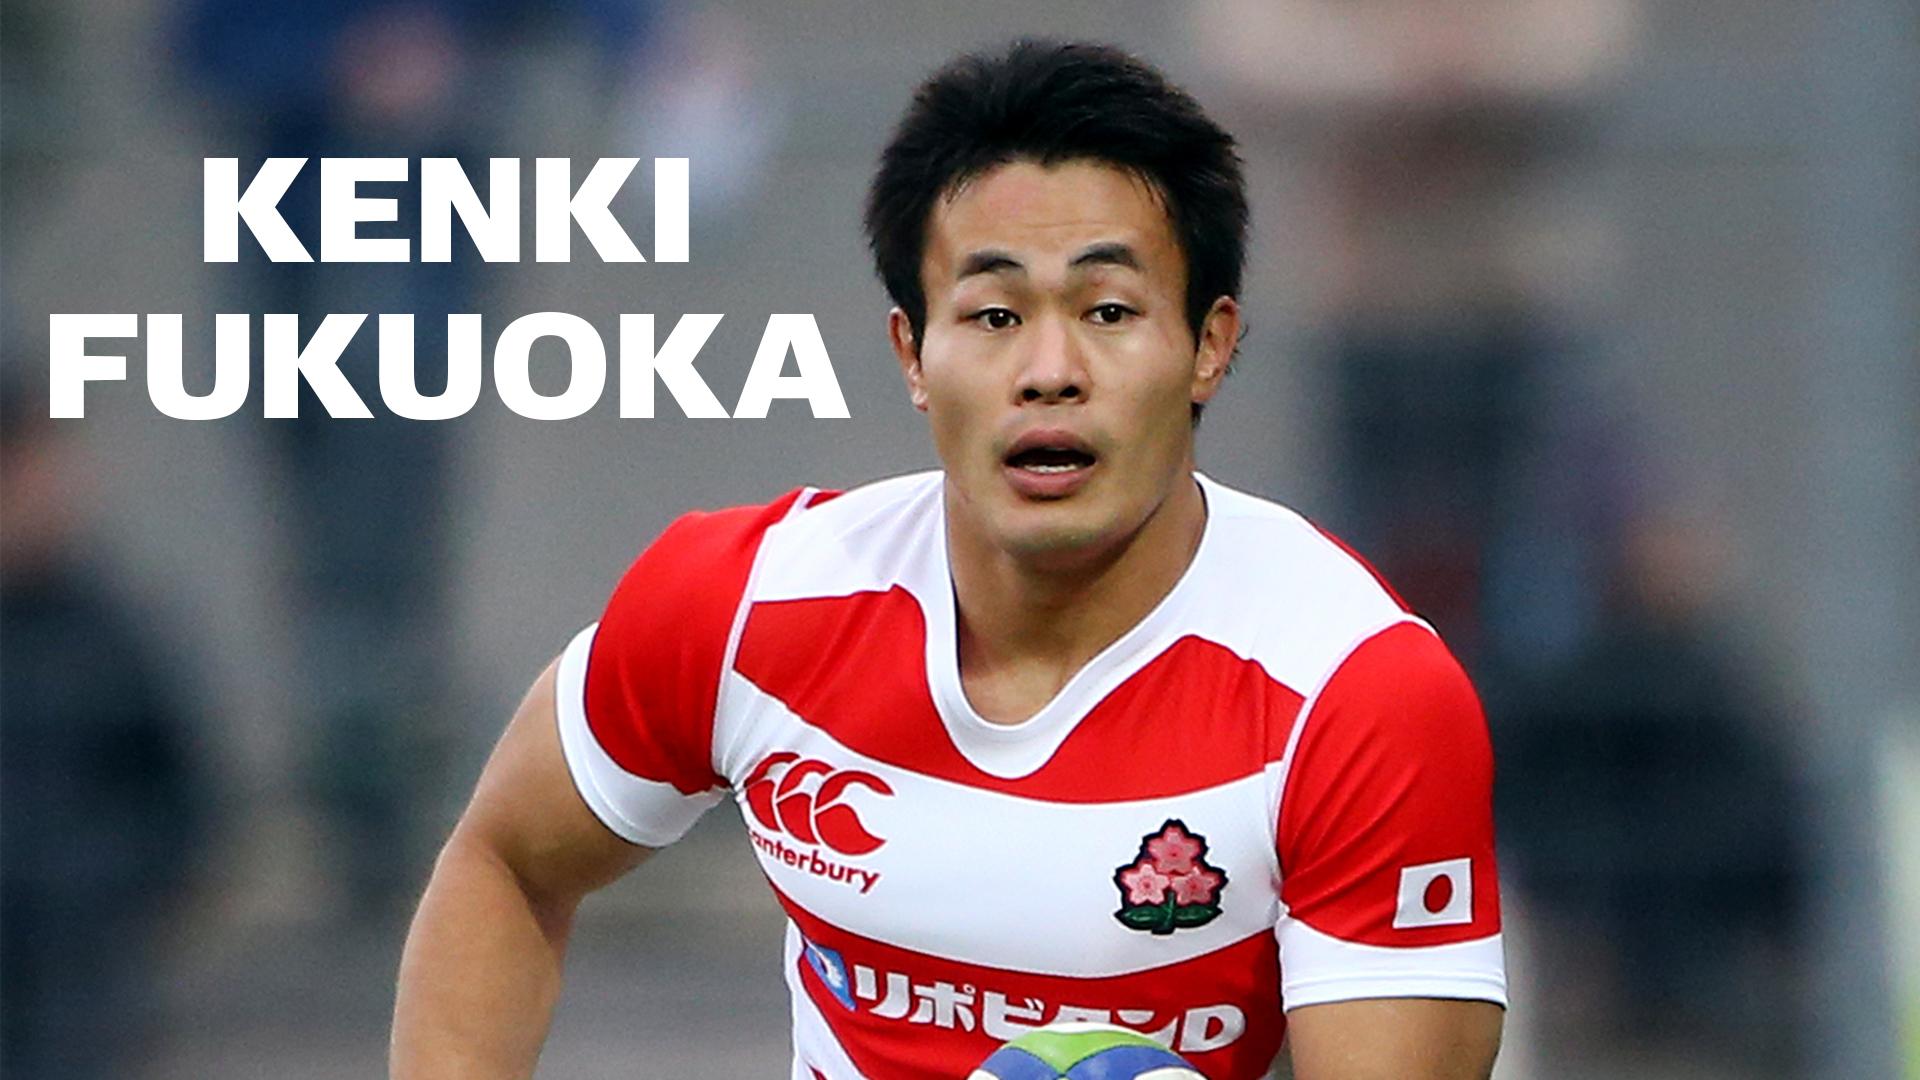 Kenki Fukuoka   Pushing Japan to new heights